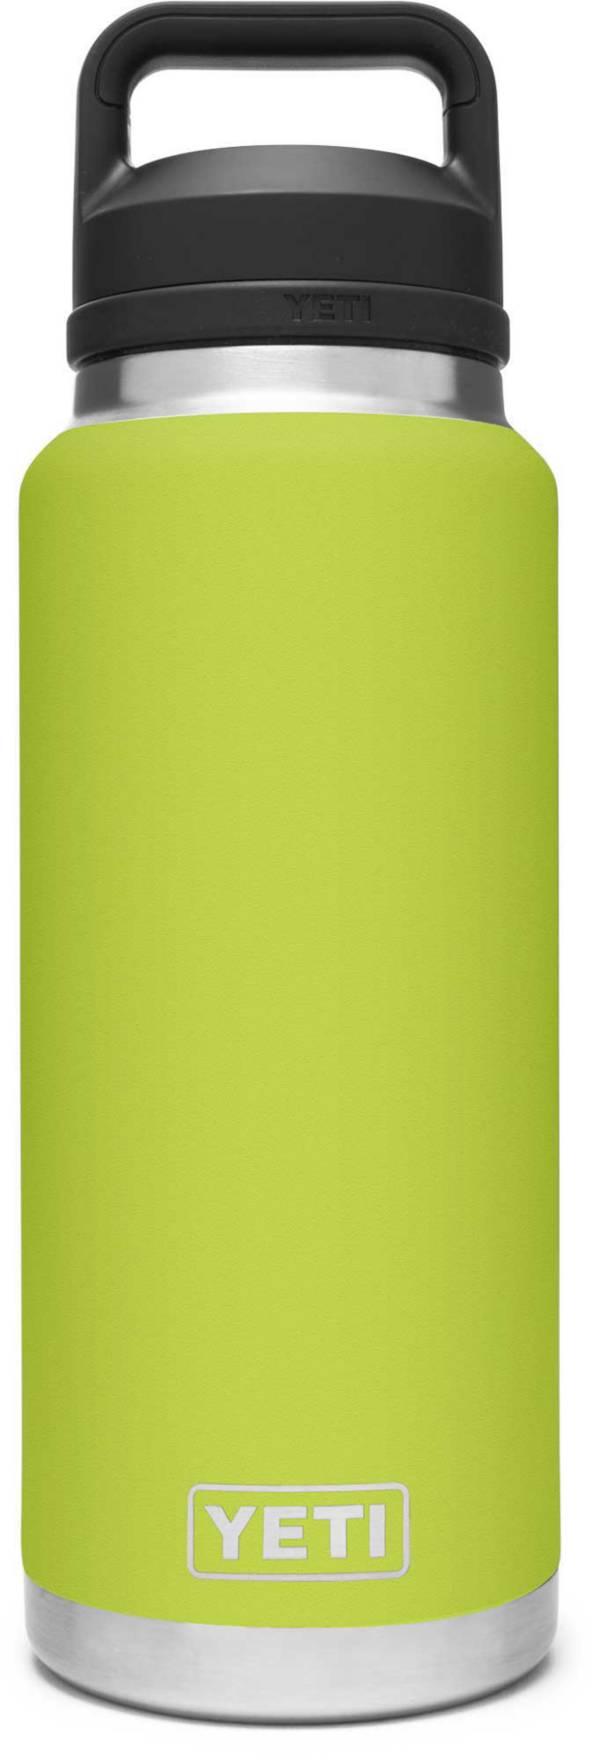 YETI 36 oz. Rambler Bottle with Chug Cap product image